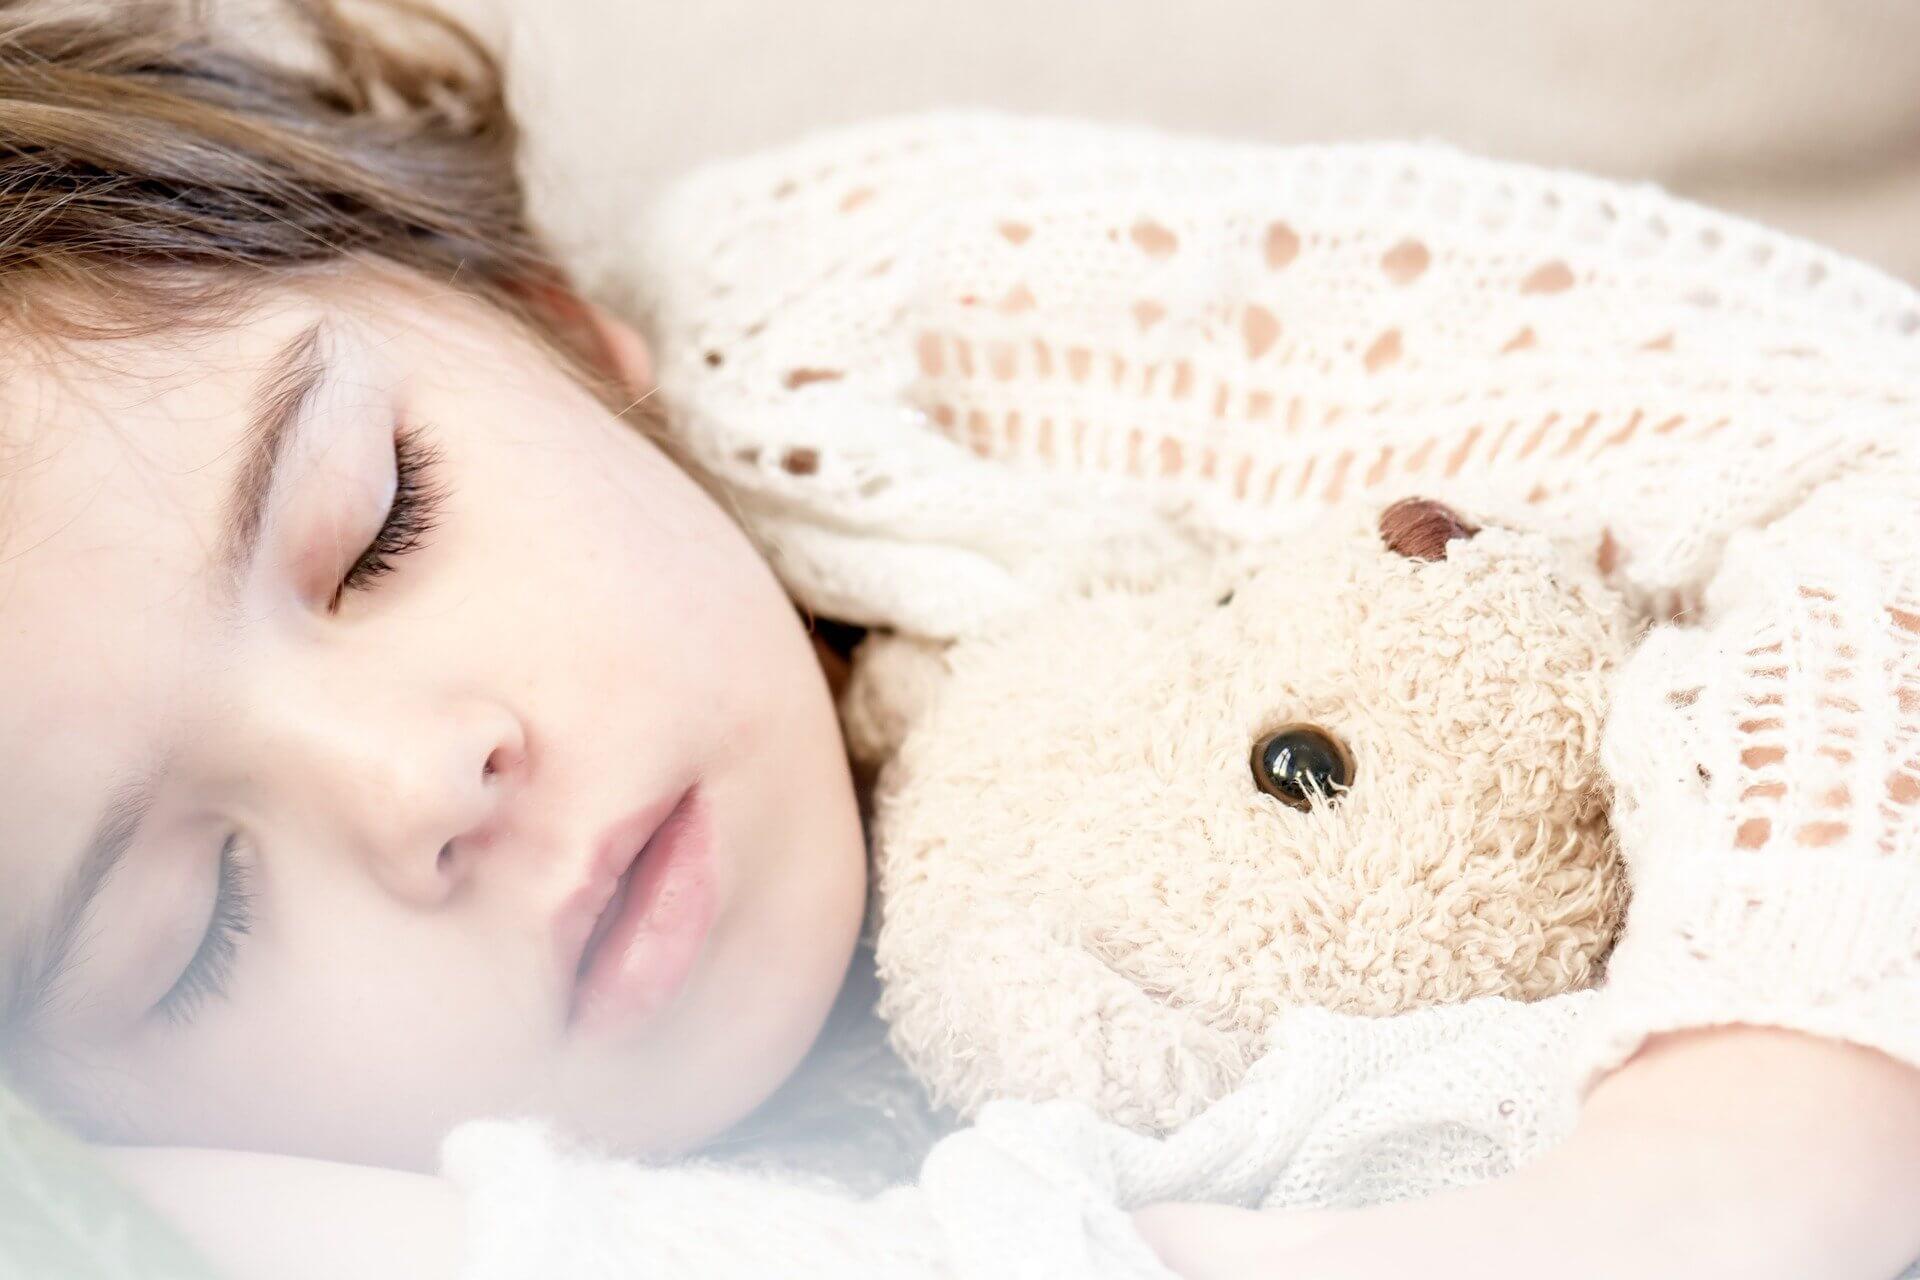 איך לגרום לתינוק לישון כל הלילה?